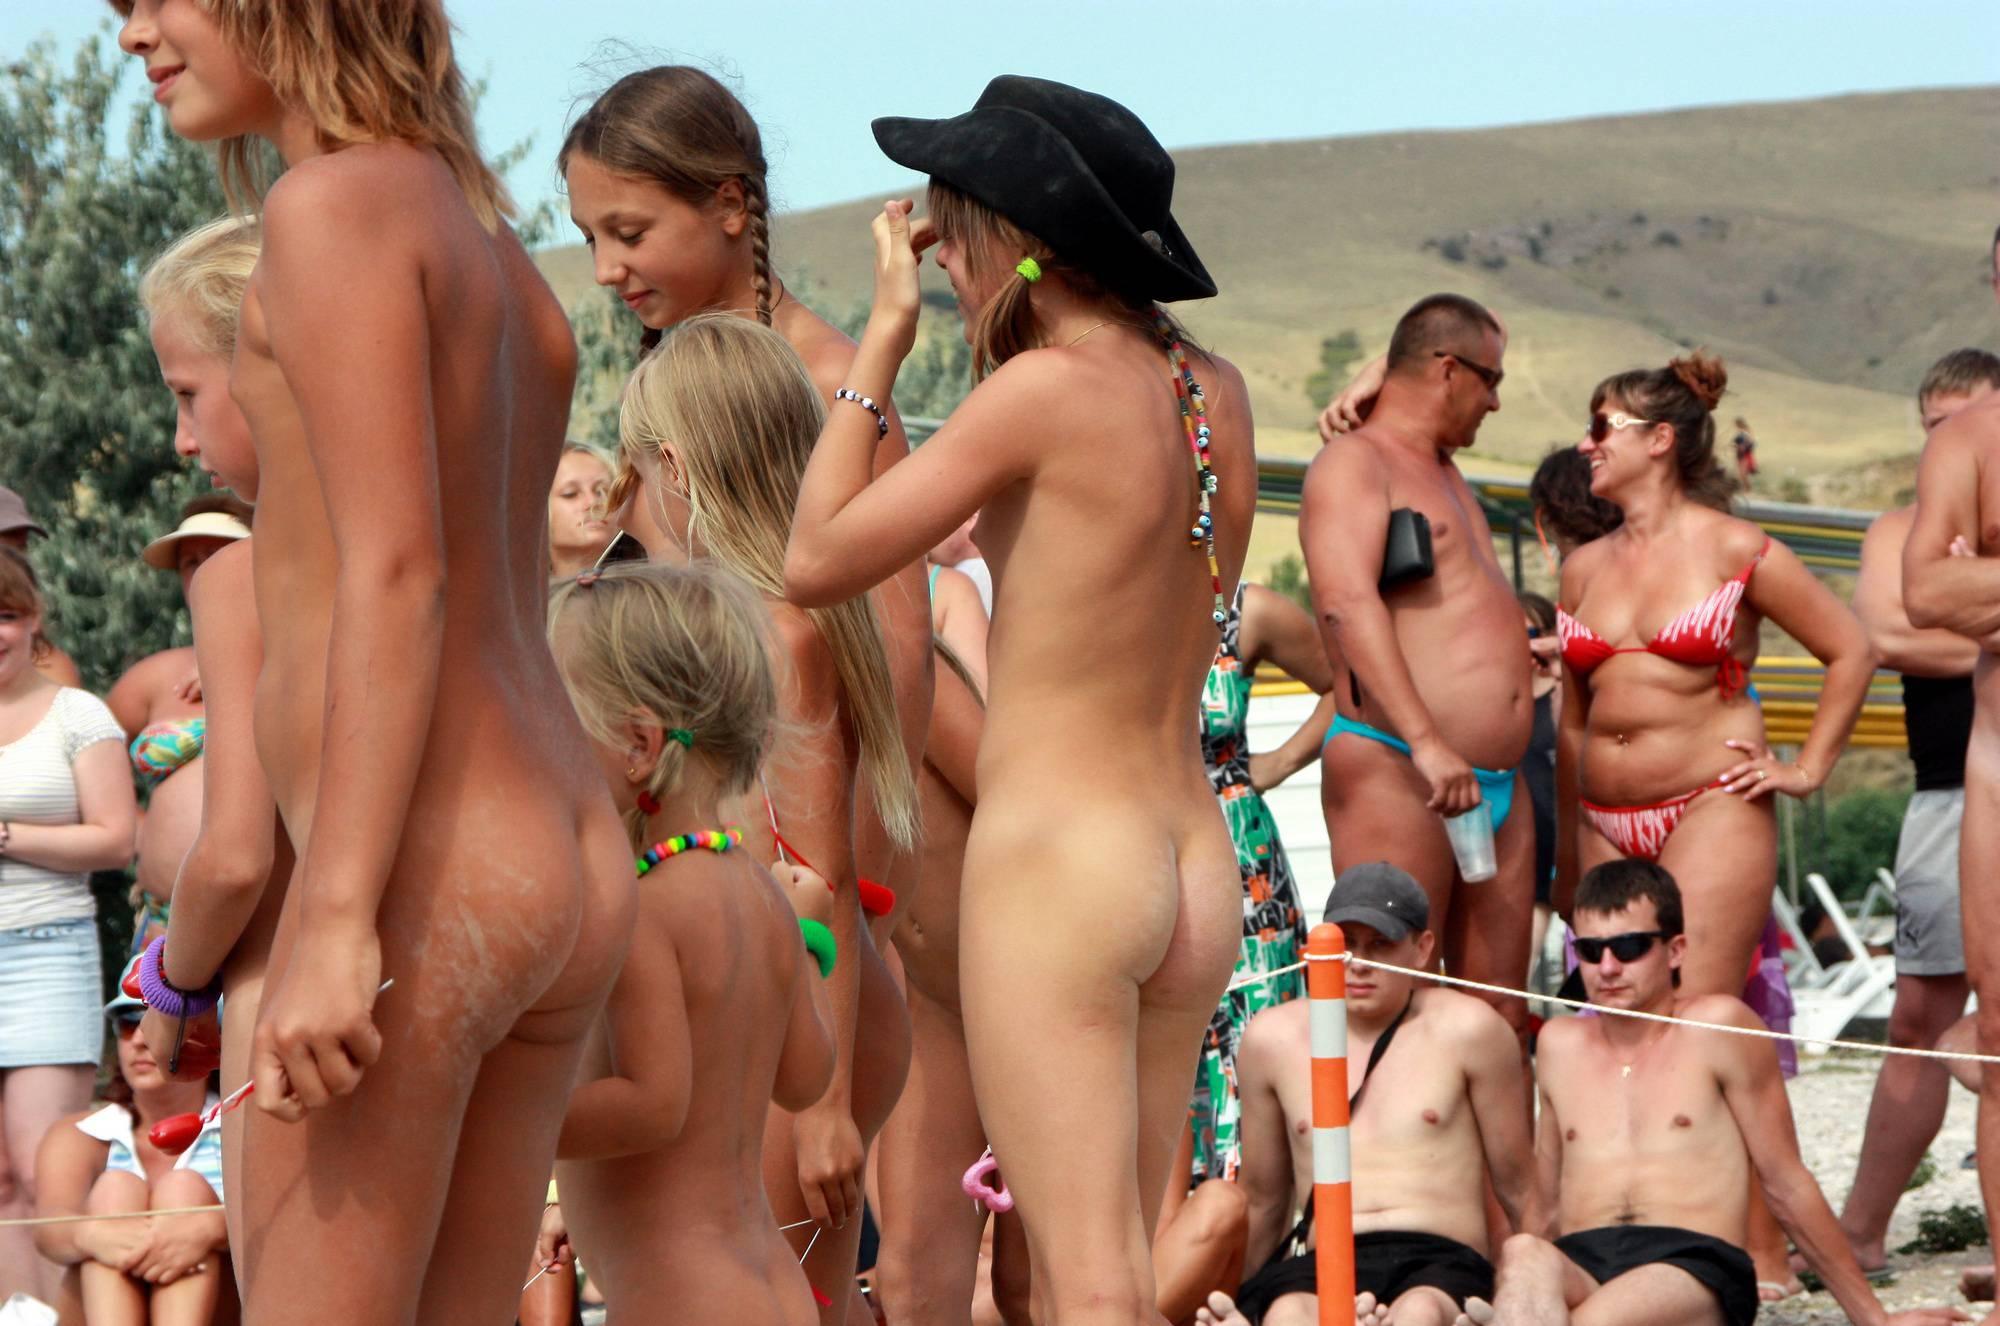 Naturist Pageant Outskirts - 1